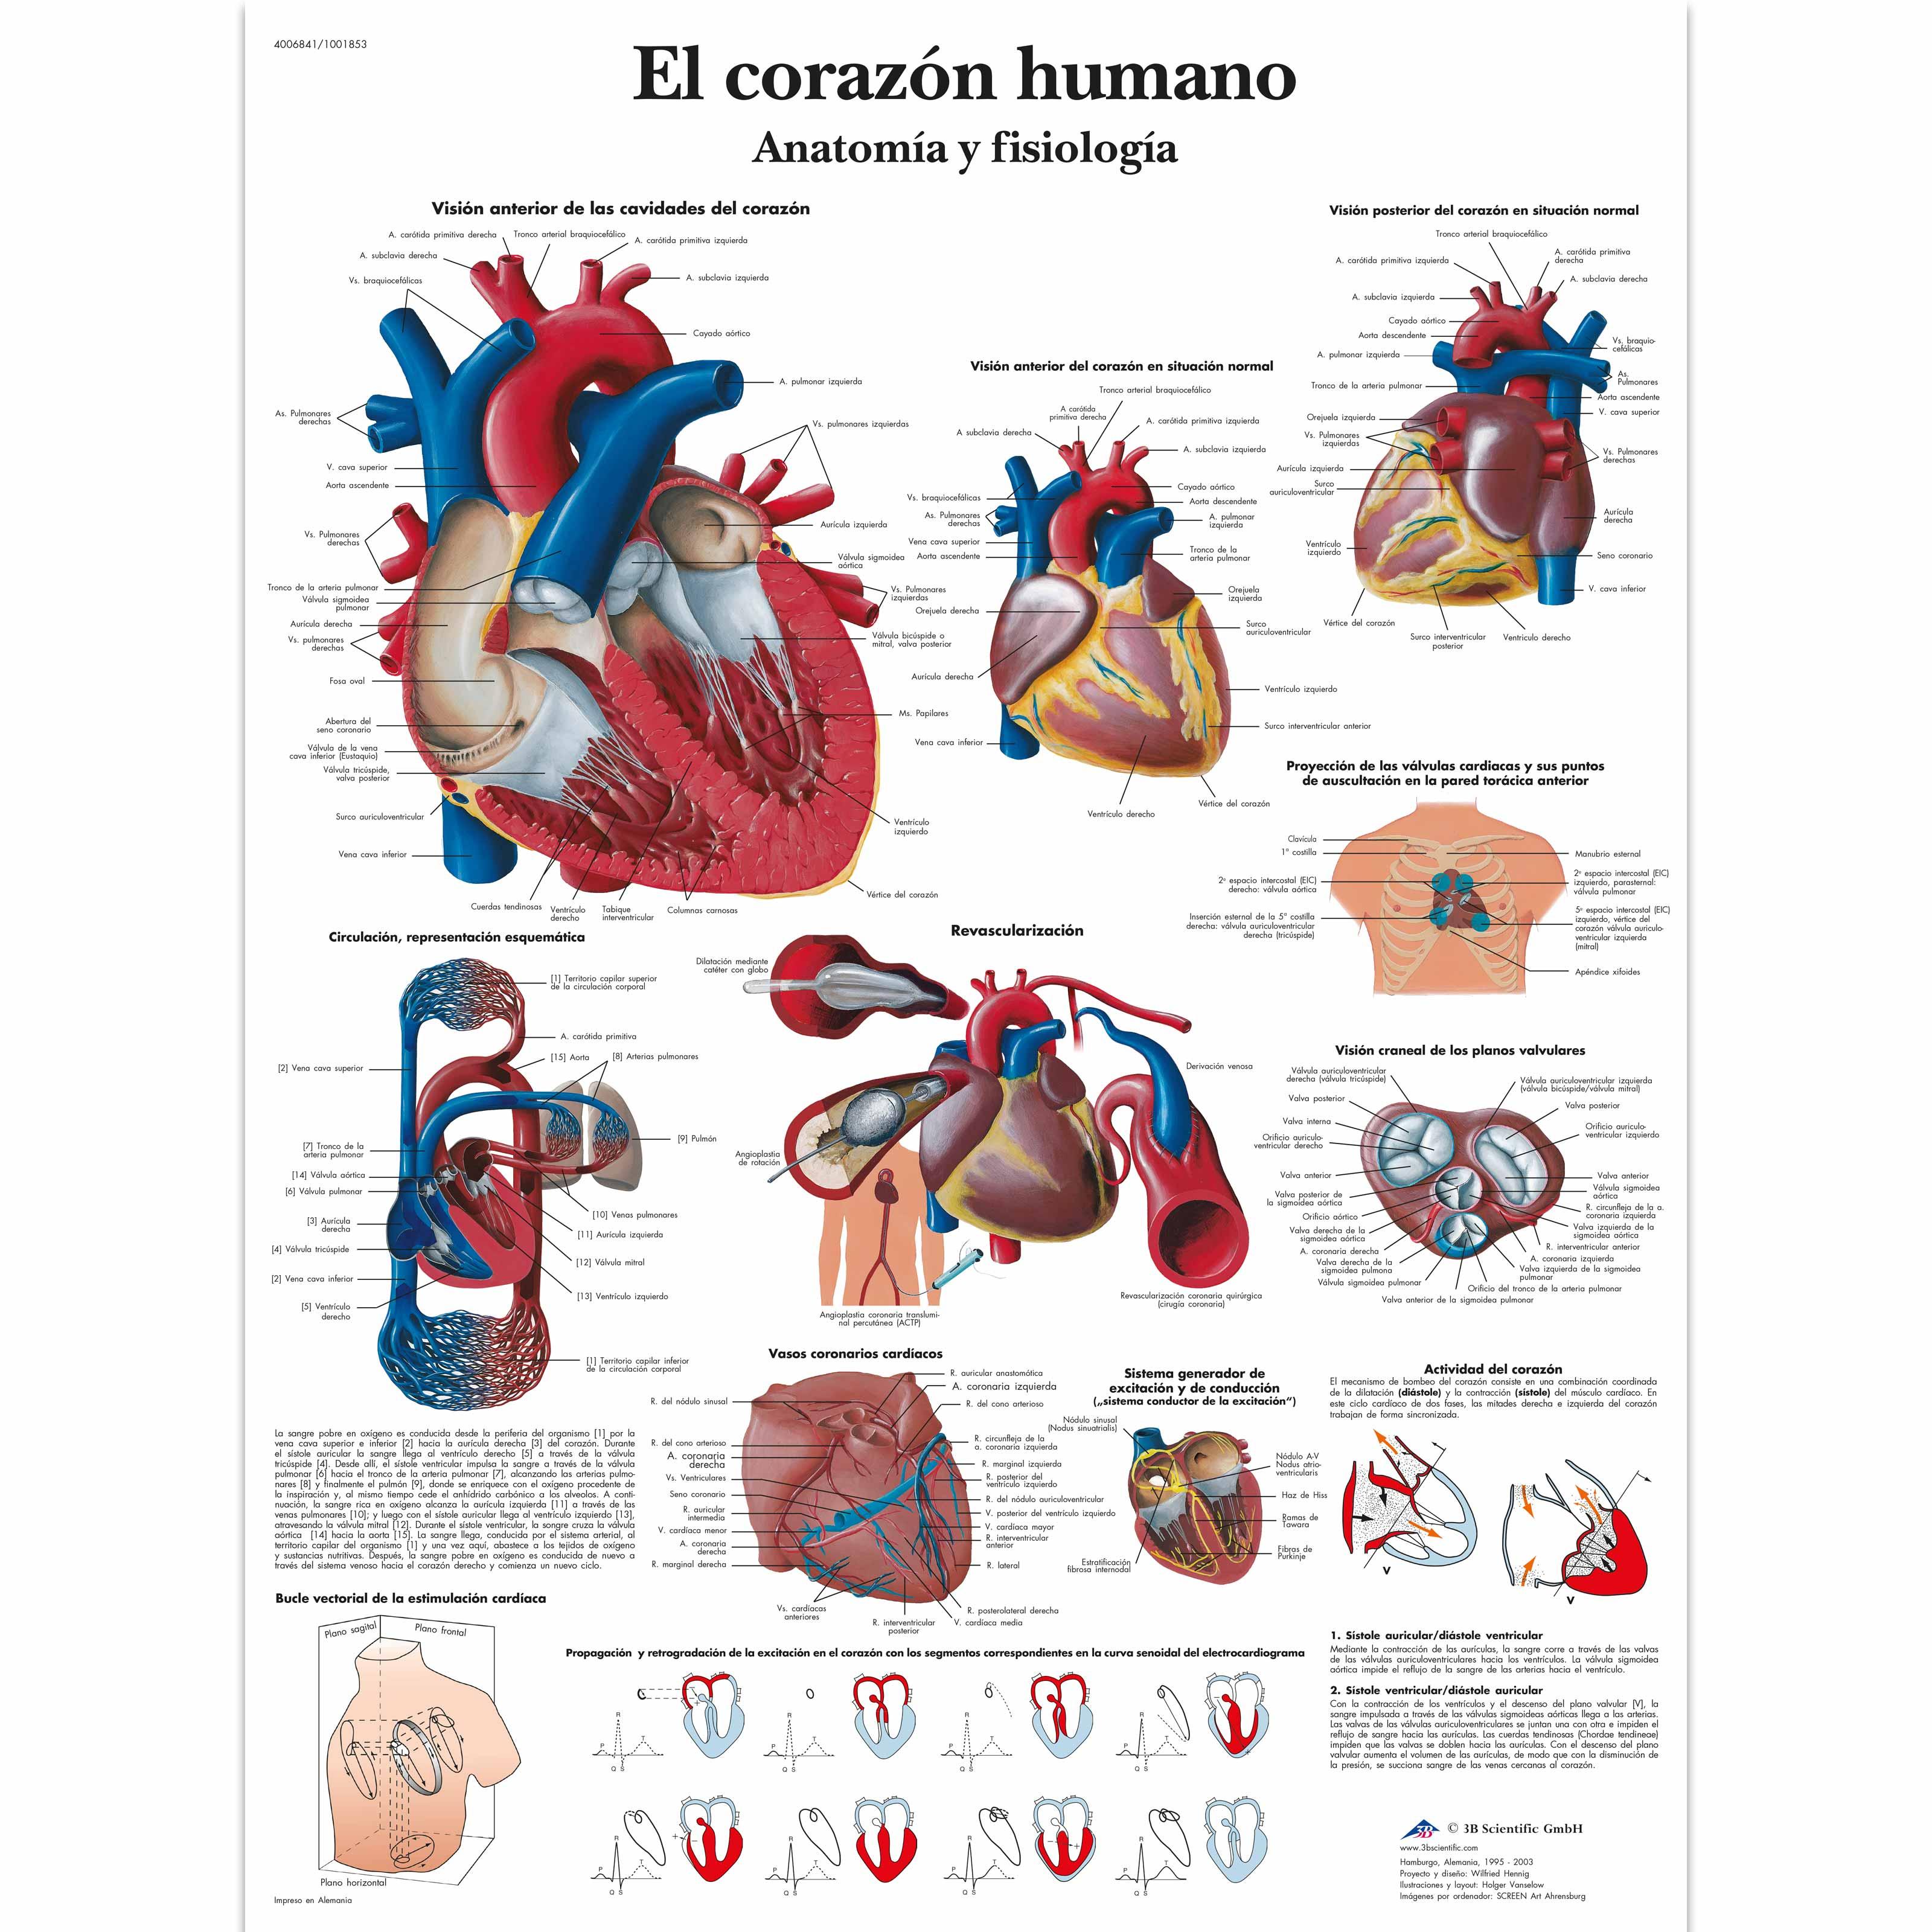 El corazón humano - Anatomía y fisiología - 4006841 - 3B Scientific ...